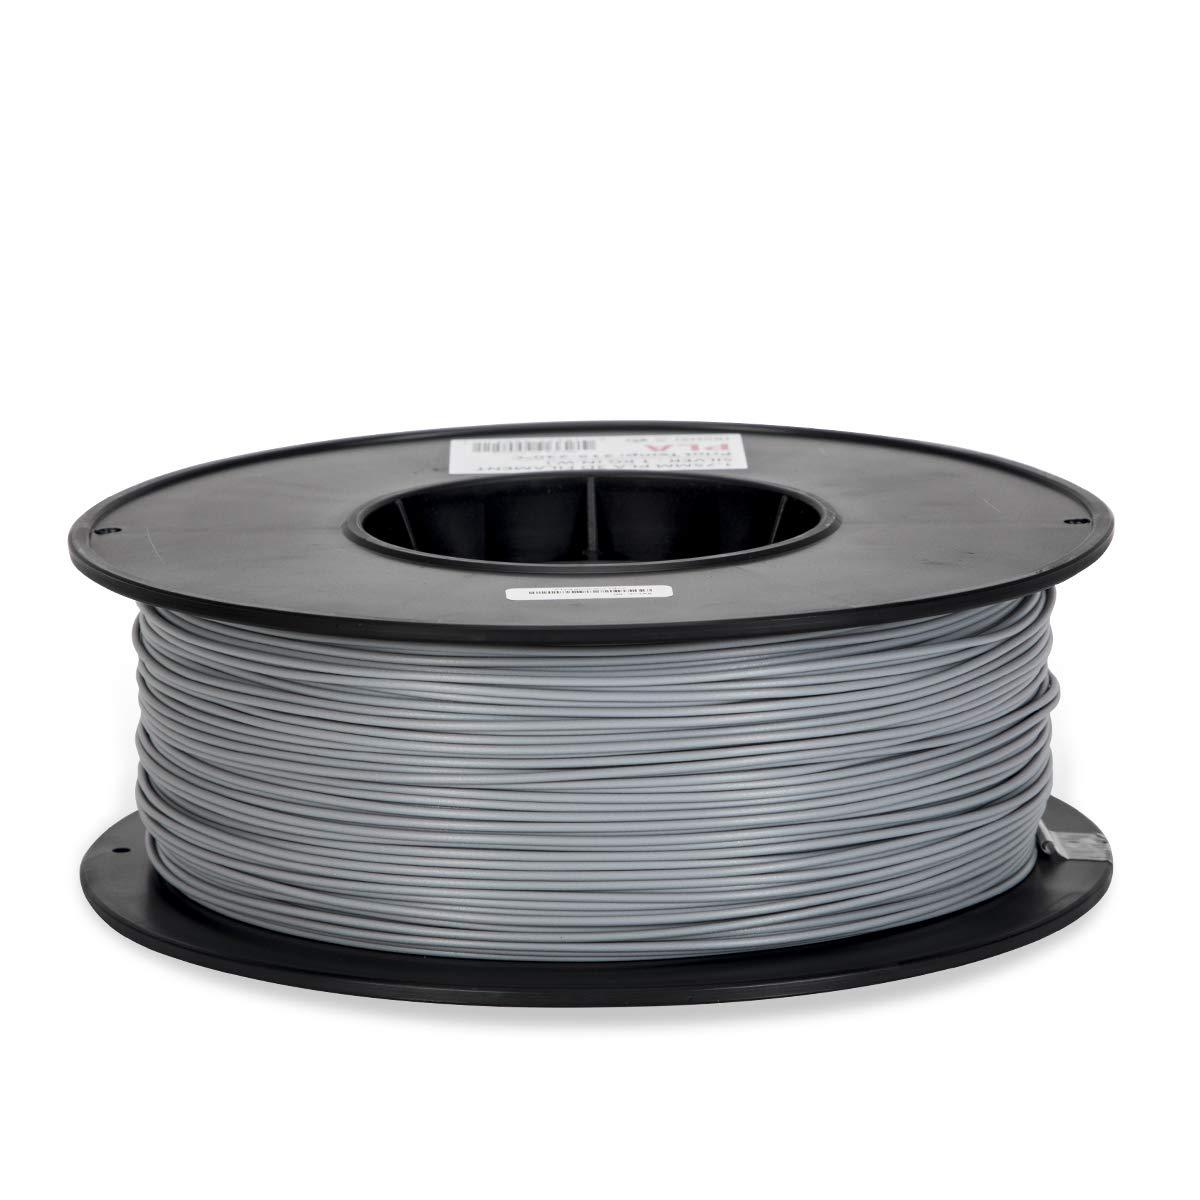 PLA Filament - 1.75 - Silver - Inland